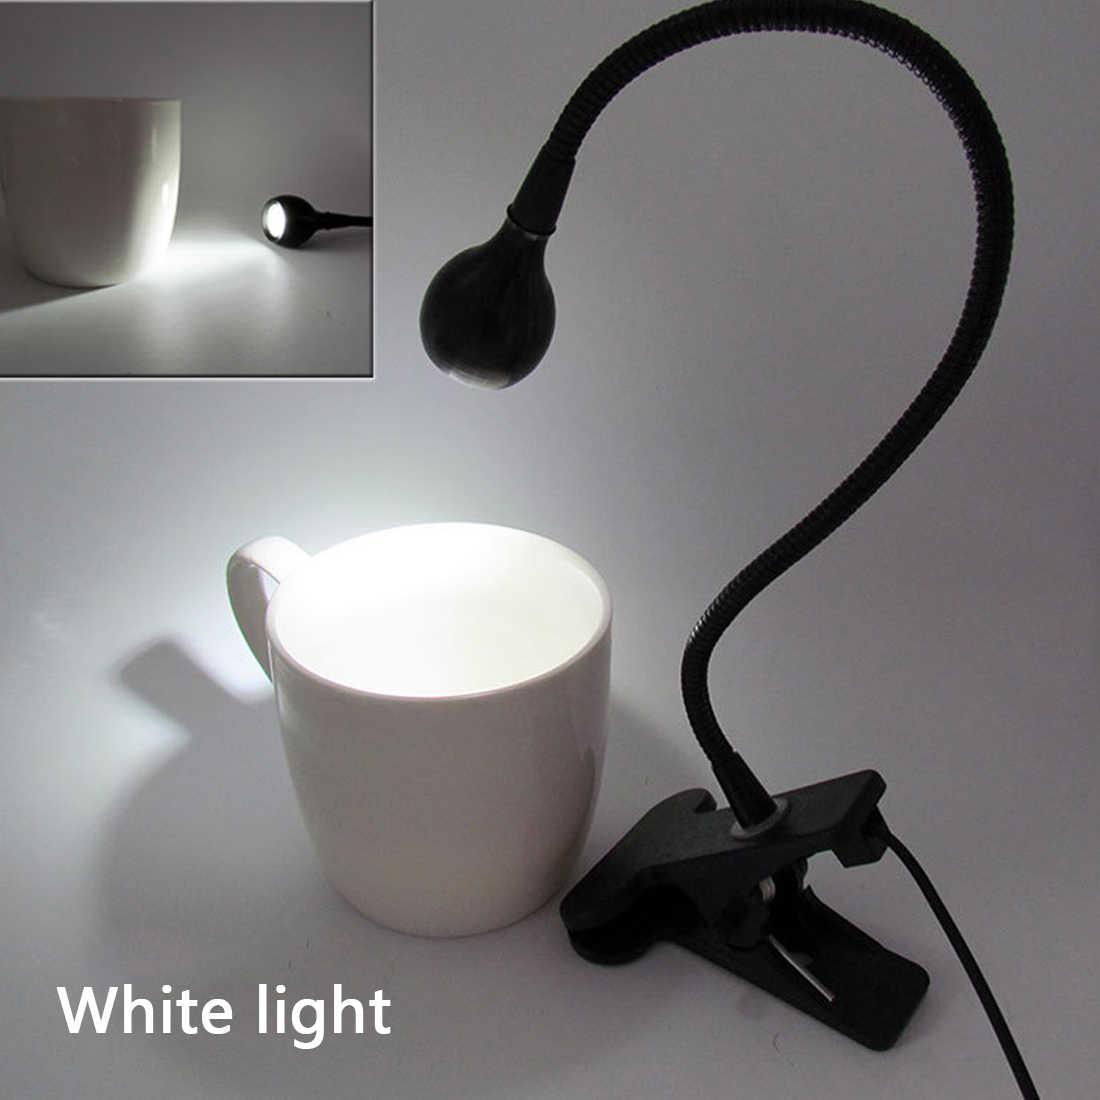 3 Вт USB гибкий светодиодный светильник для чтения с зажимом, прикрепляемый к кровати, настольная лампа, книжный светильник, подарок для студентов